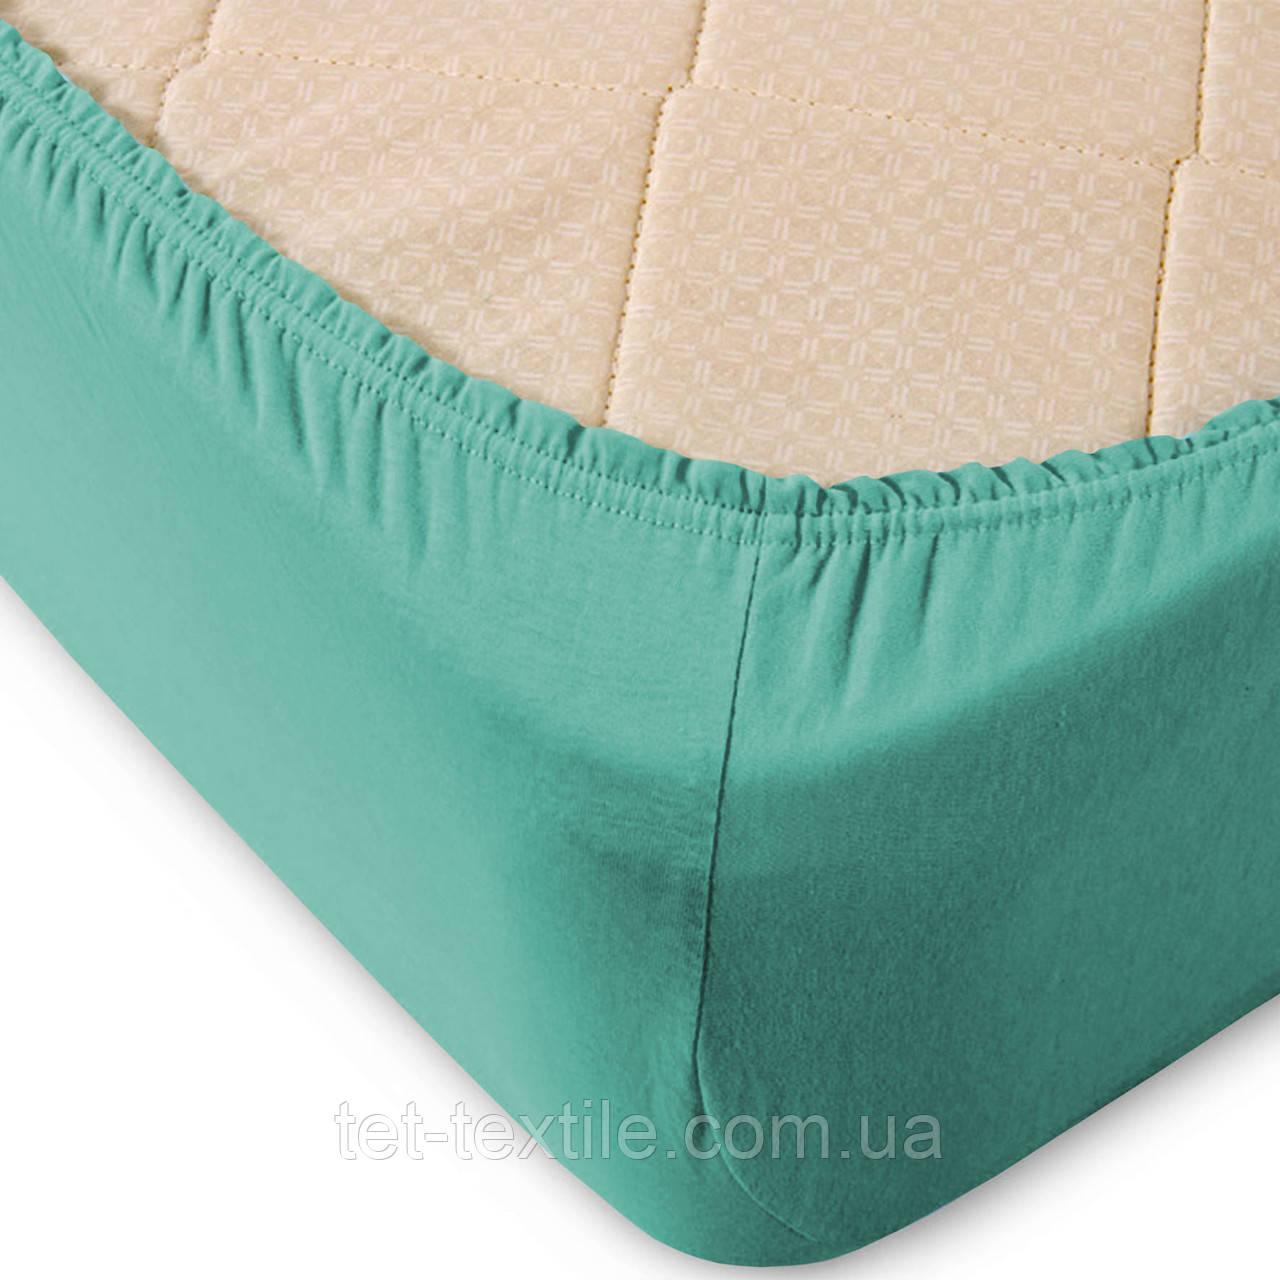 Простынь на резинке однотонная Тет-Текстиль голубая 160х200+20